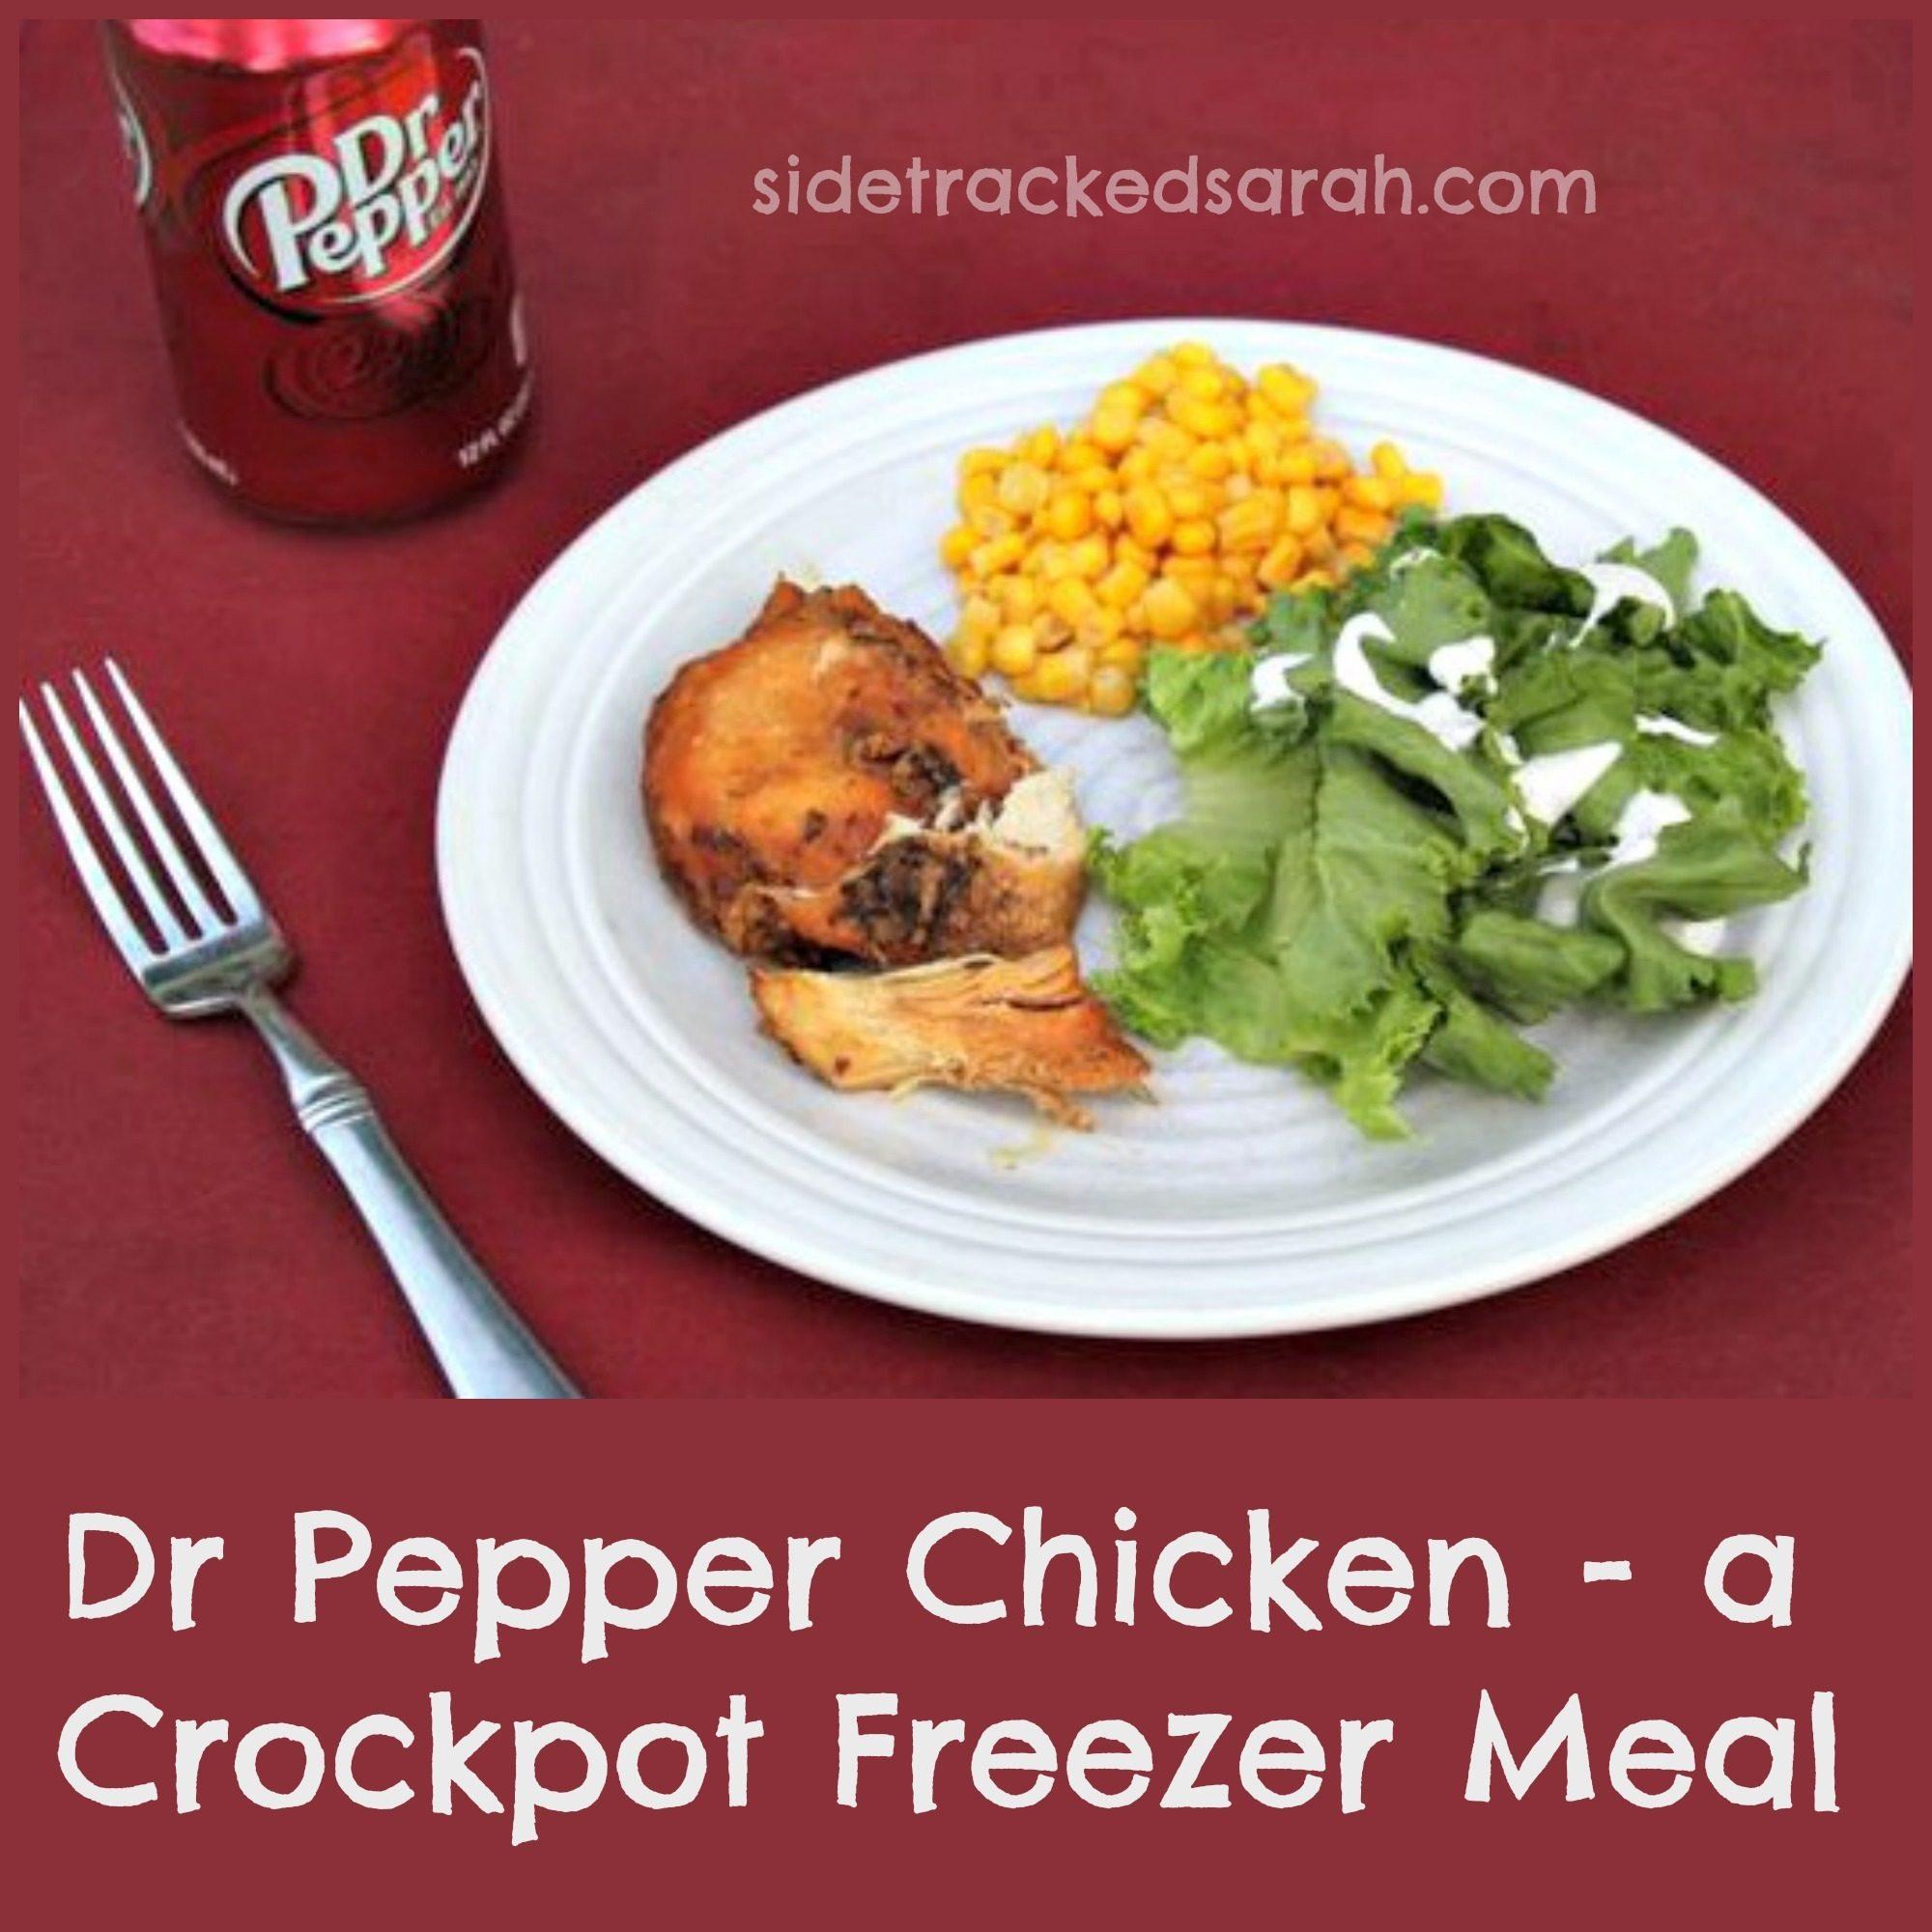 Dr. Pepper Chicken - A Crockpot Freezer Meal